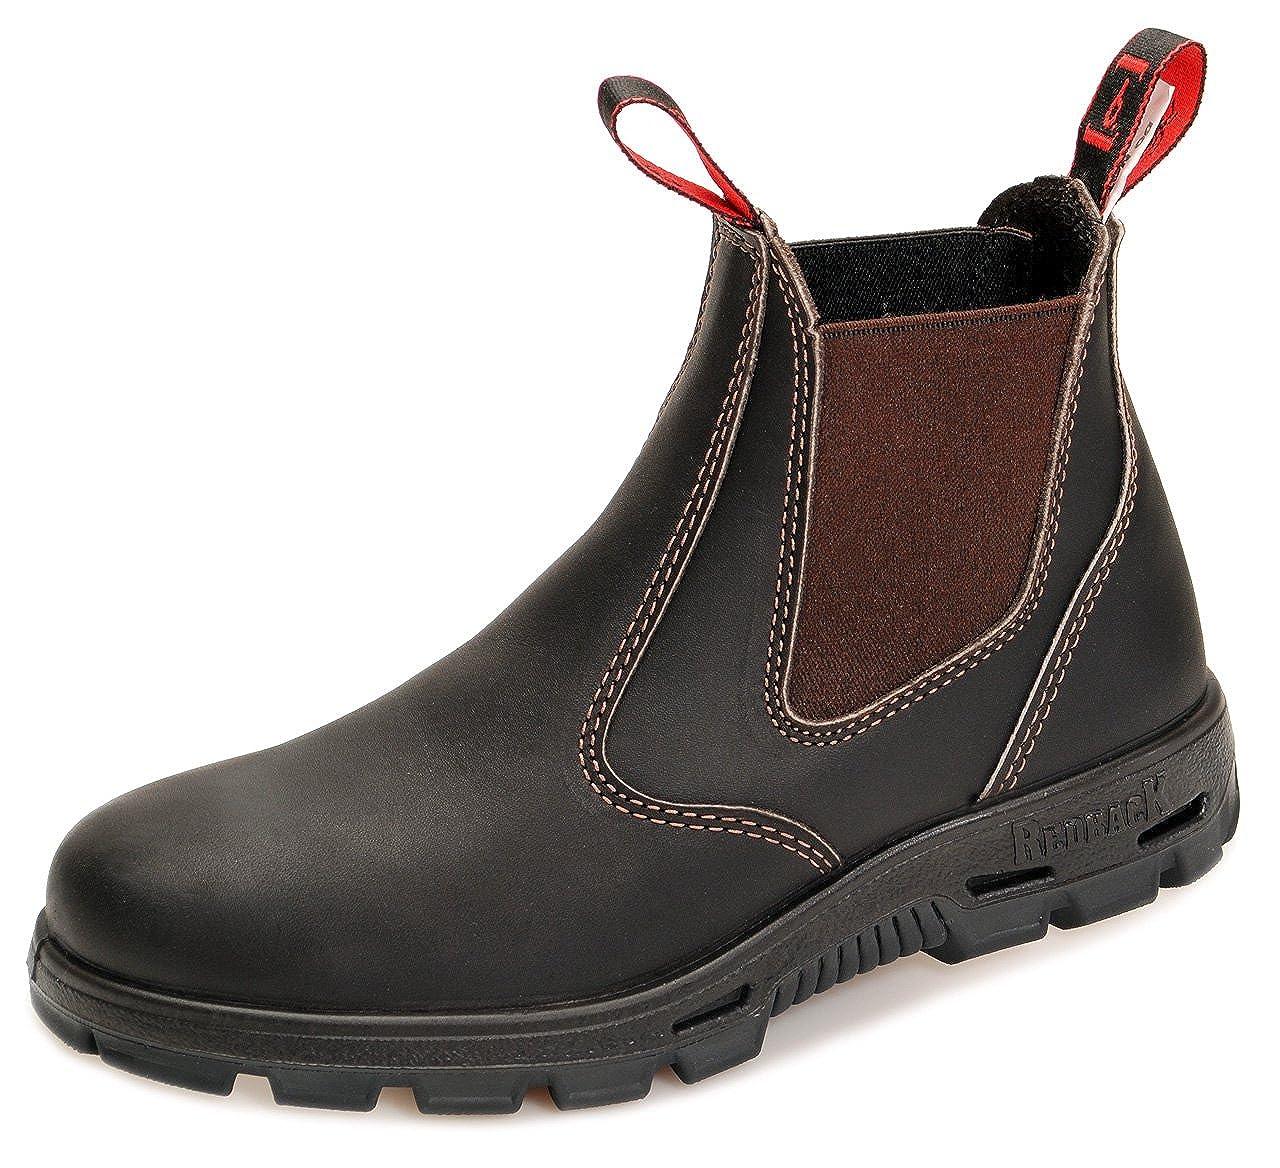 Redback BUBOK Offroad Chelsea Boots - Arbeitsschuhe Work Boots Aus Australien - Unisex - Claret Brown | Schwarze Sohle | Black Sole